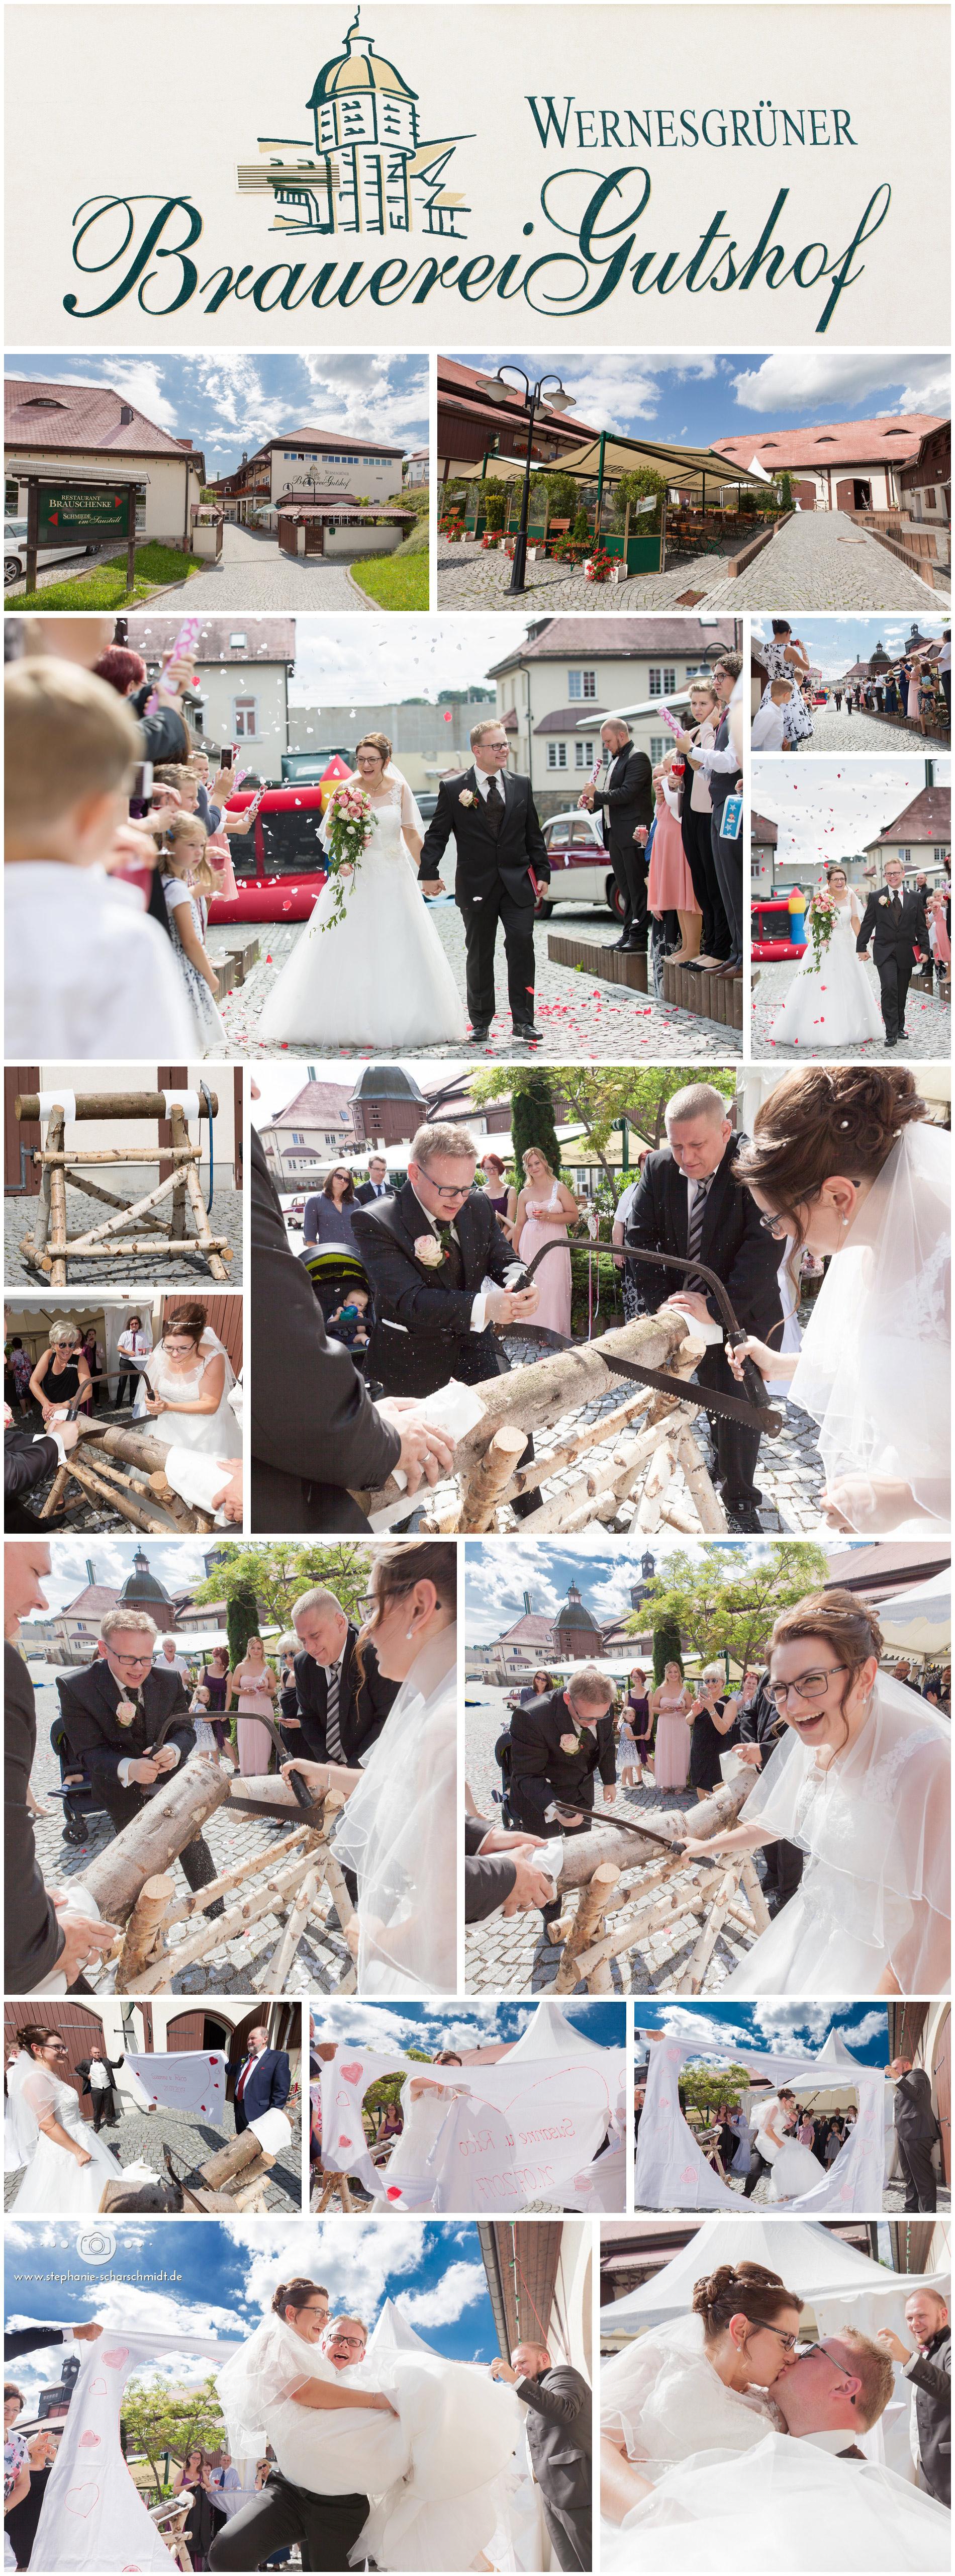 Hochzeitsfotograf Wernesgrün - Hochzeitsfotograf Stephanie Scharschmidt